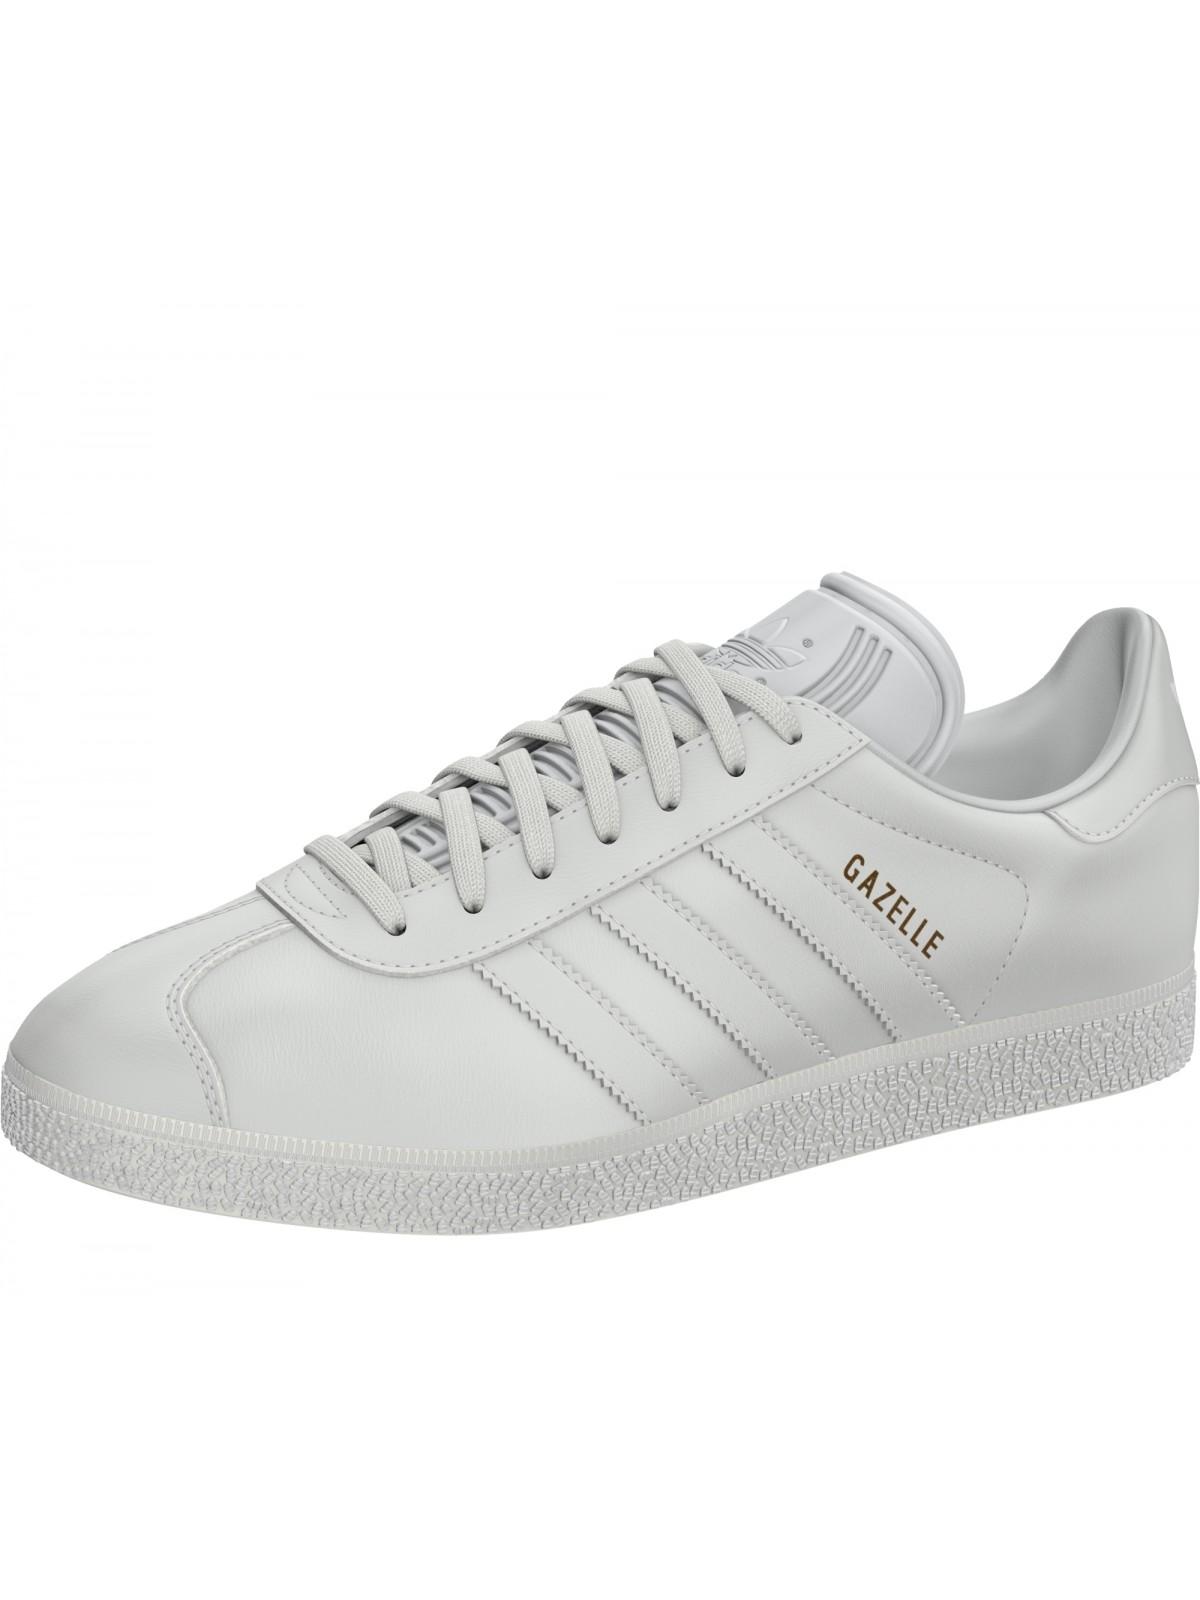 adidas gazelle blanche pour femme